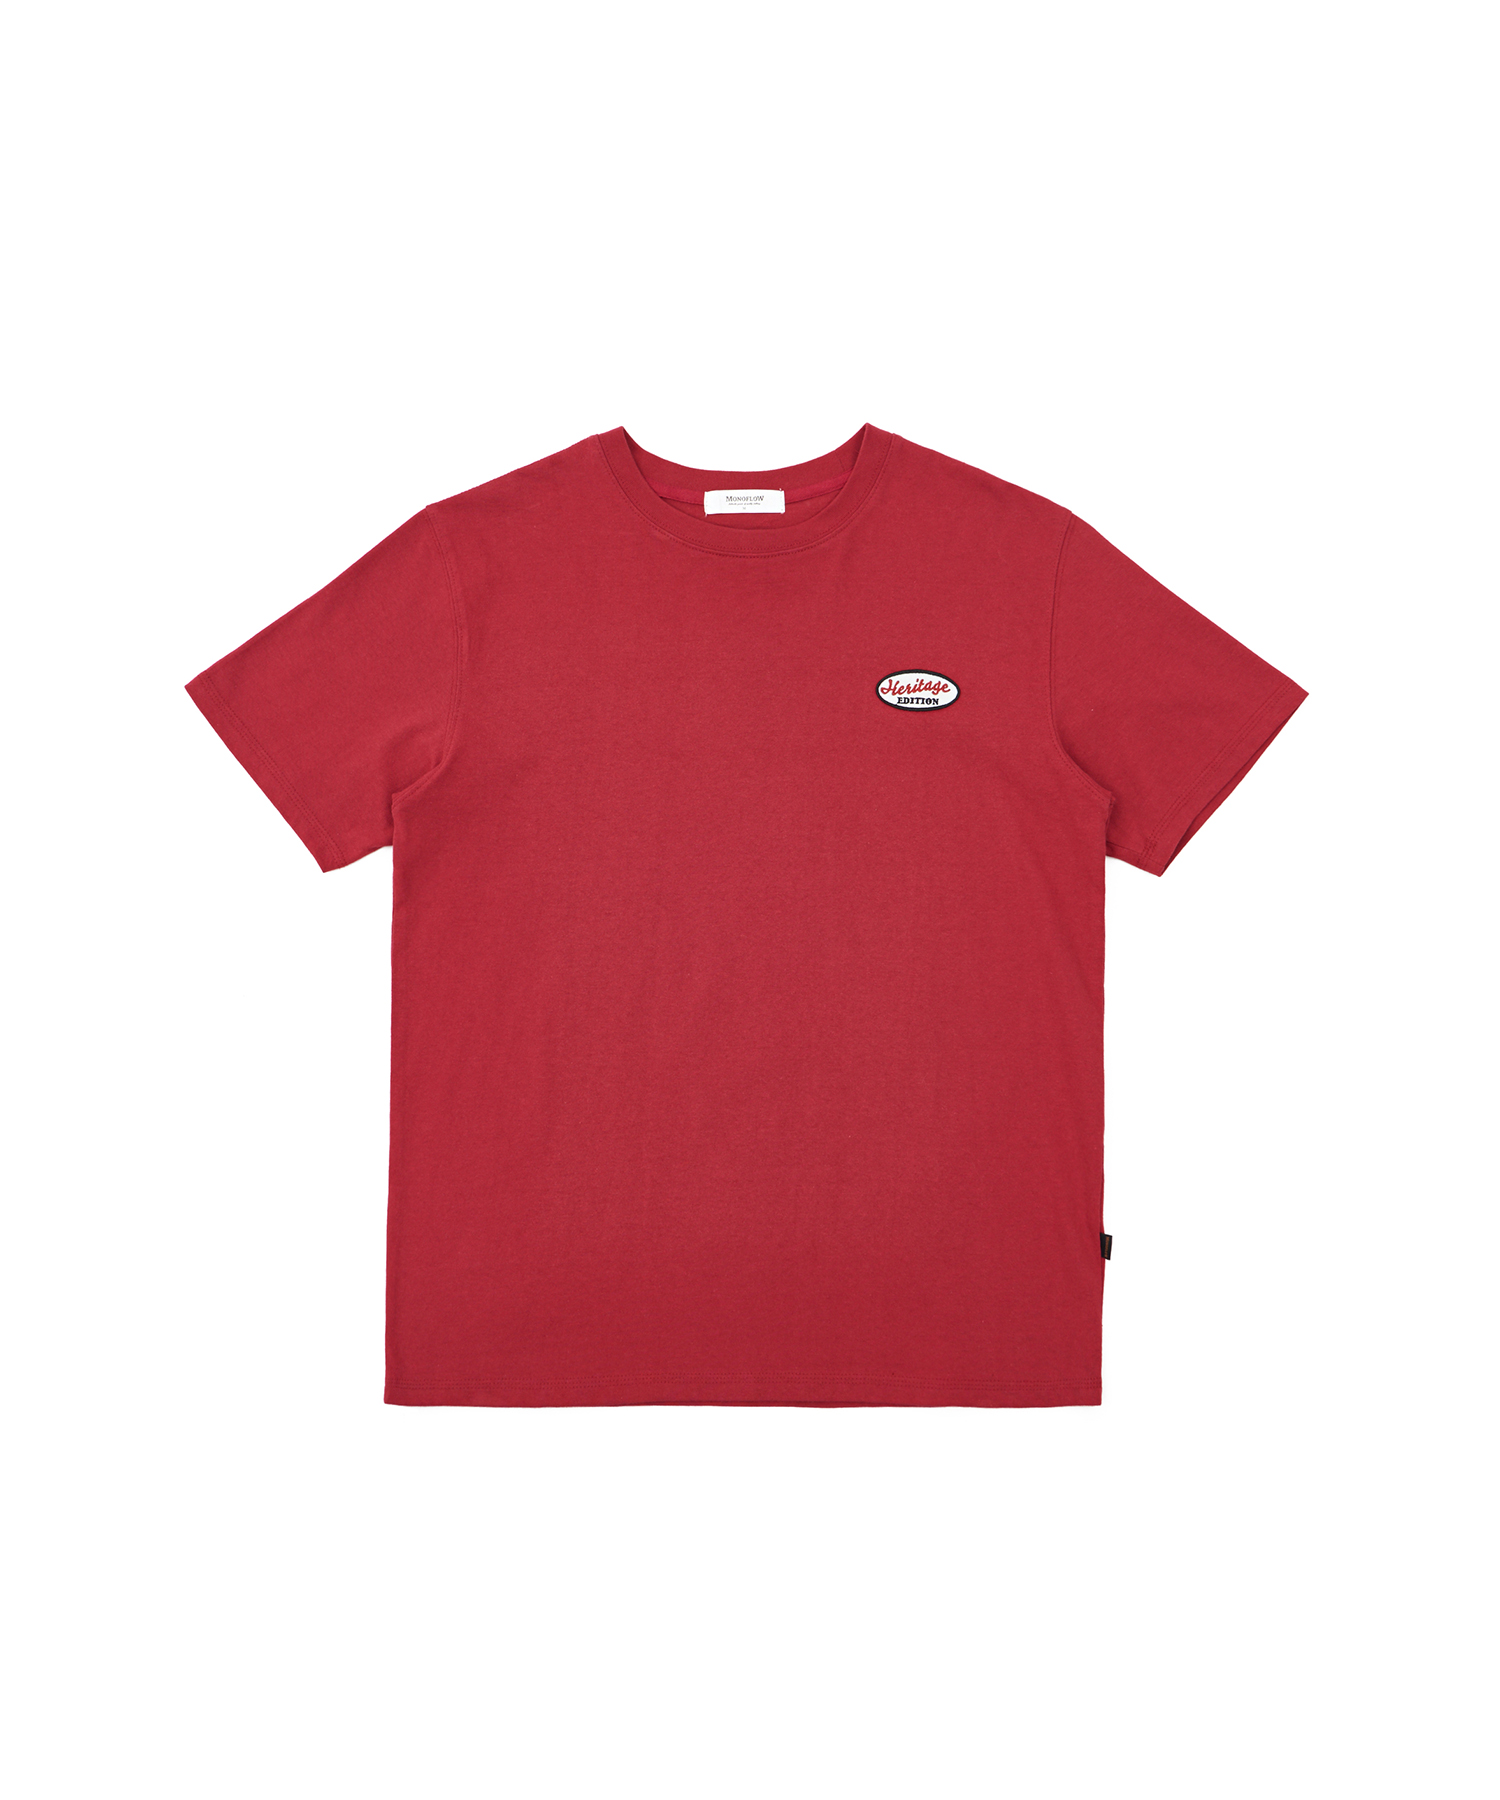 모노플로우 엠블럼 반팔 티셔츠 Emblem TS